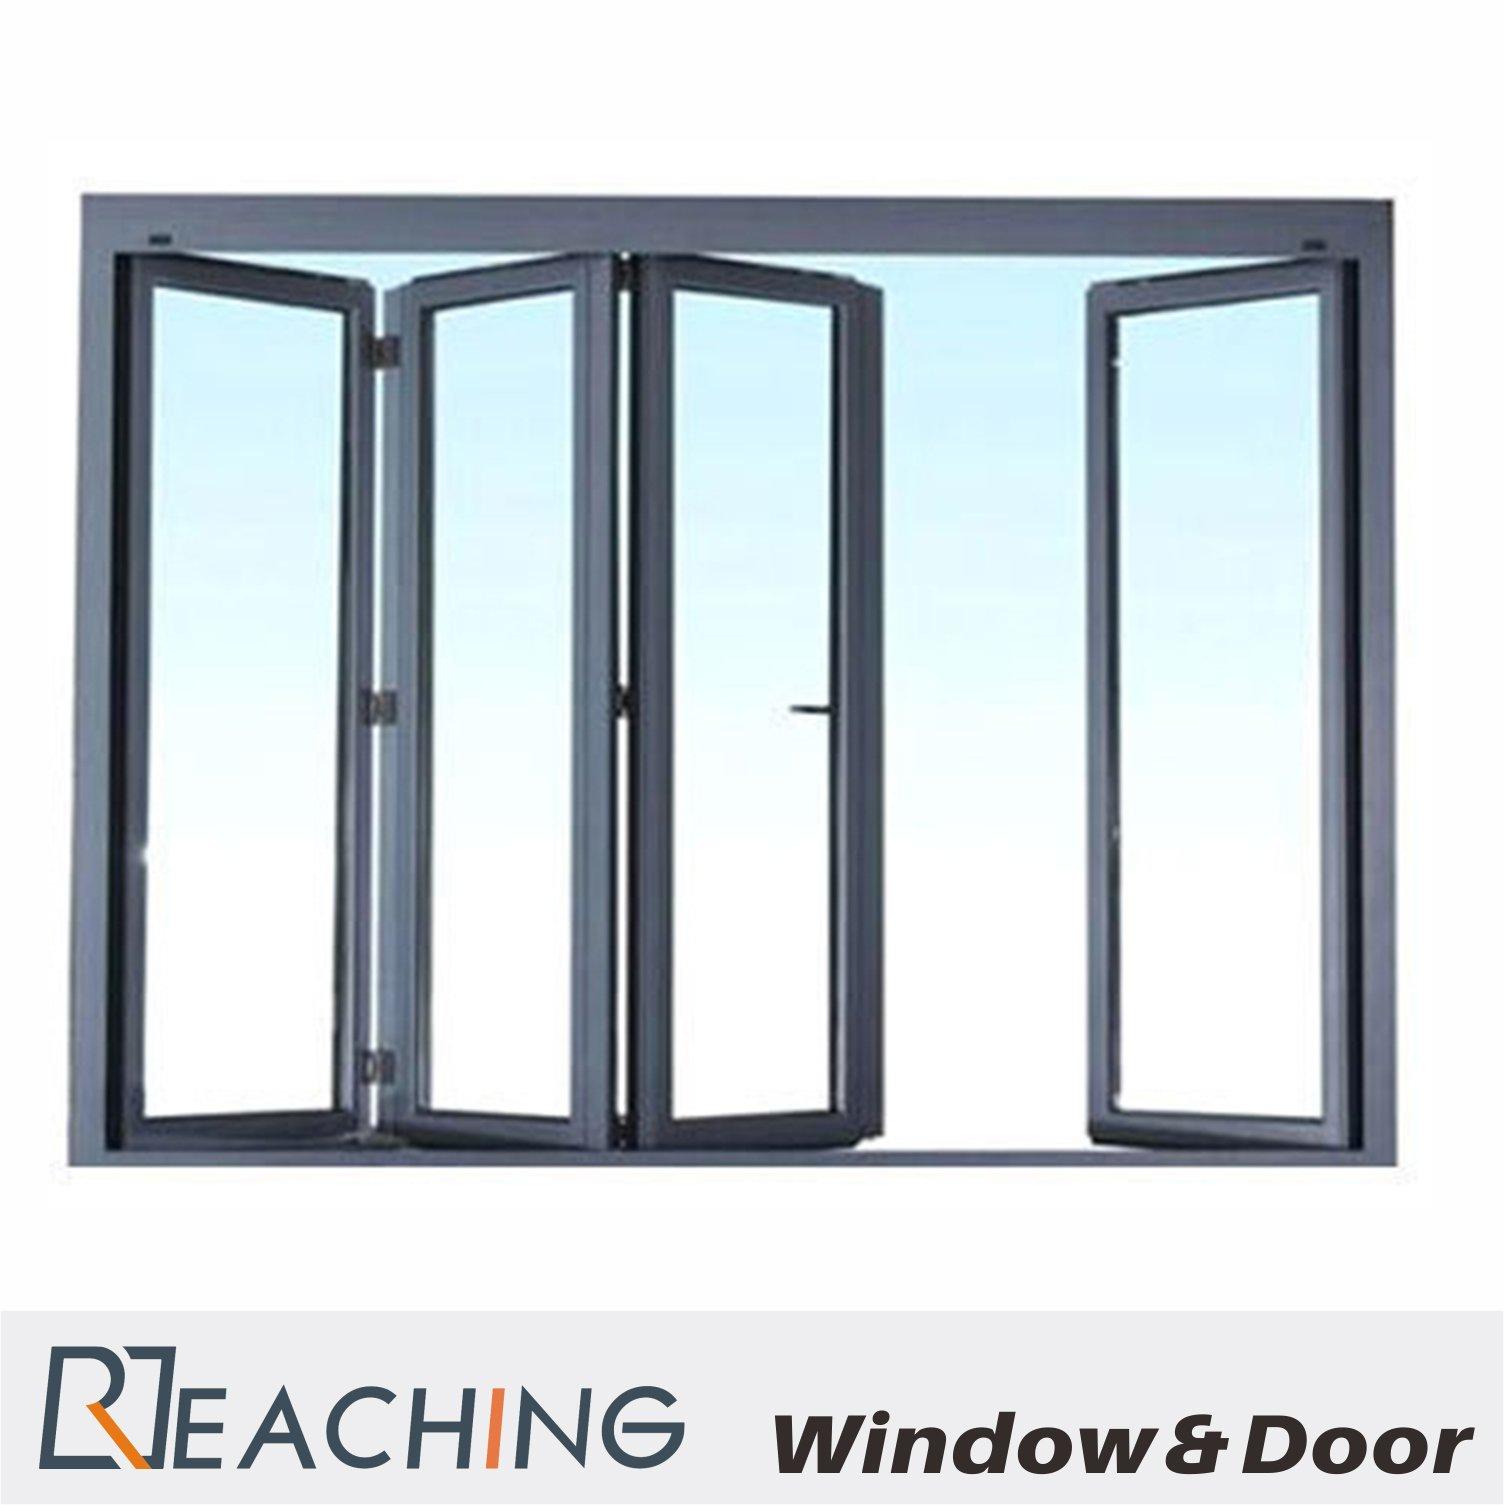 اللون الرمادي والألومنيوم قابل للطي النوافذ والأبواب مع الزجاج المزدوج والدليل على المياه من الشركة المصنعة في الصين Reaching Build Co Ltd